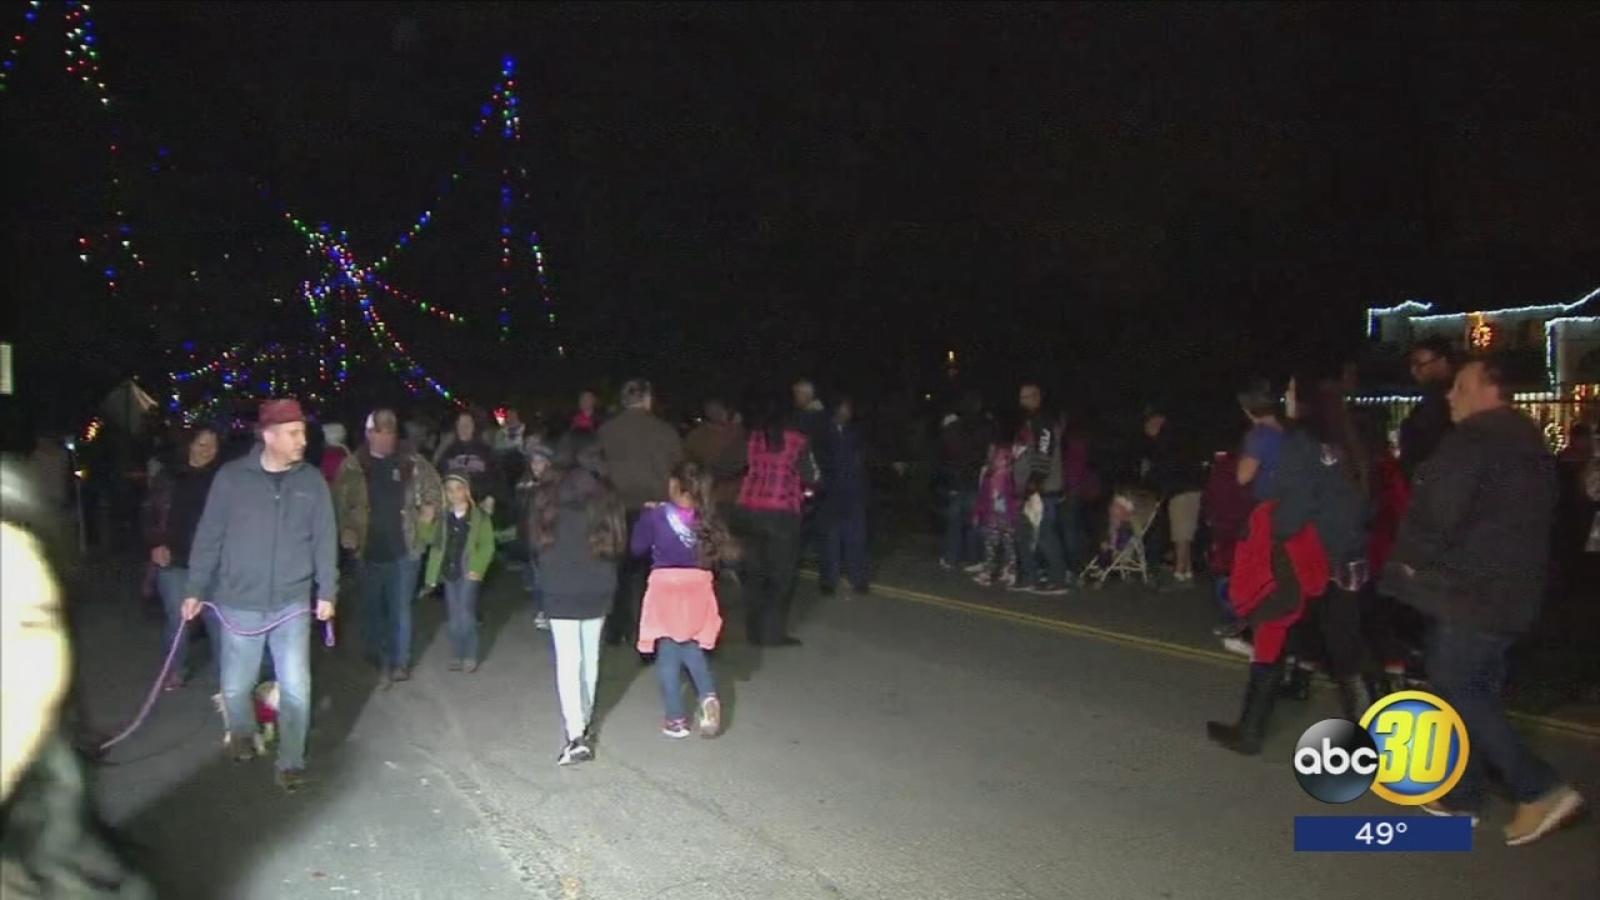 Close to 100 sheriff deputies patrol Christmas Tree Lane - ABC30 Fresno